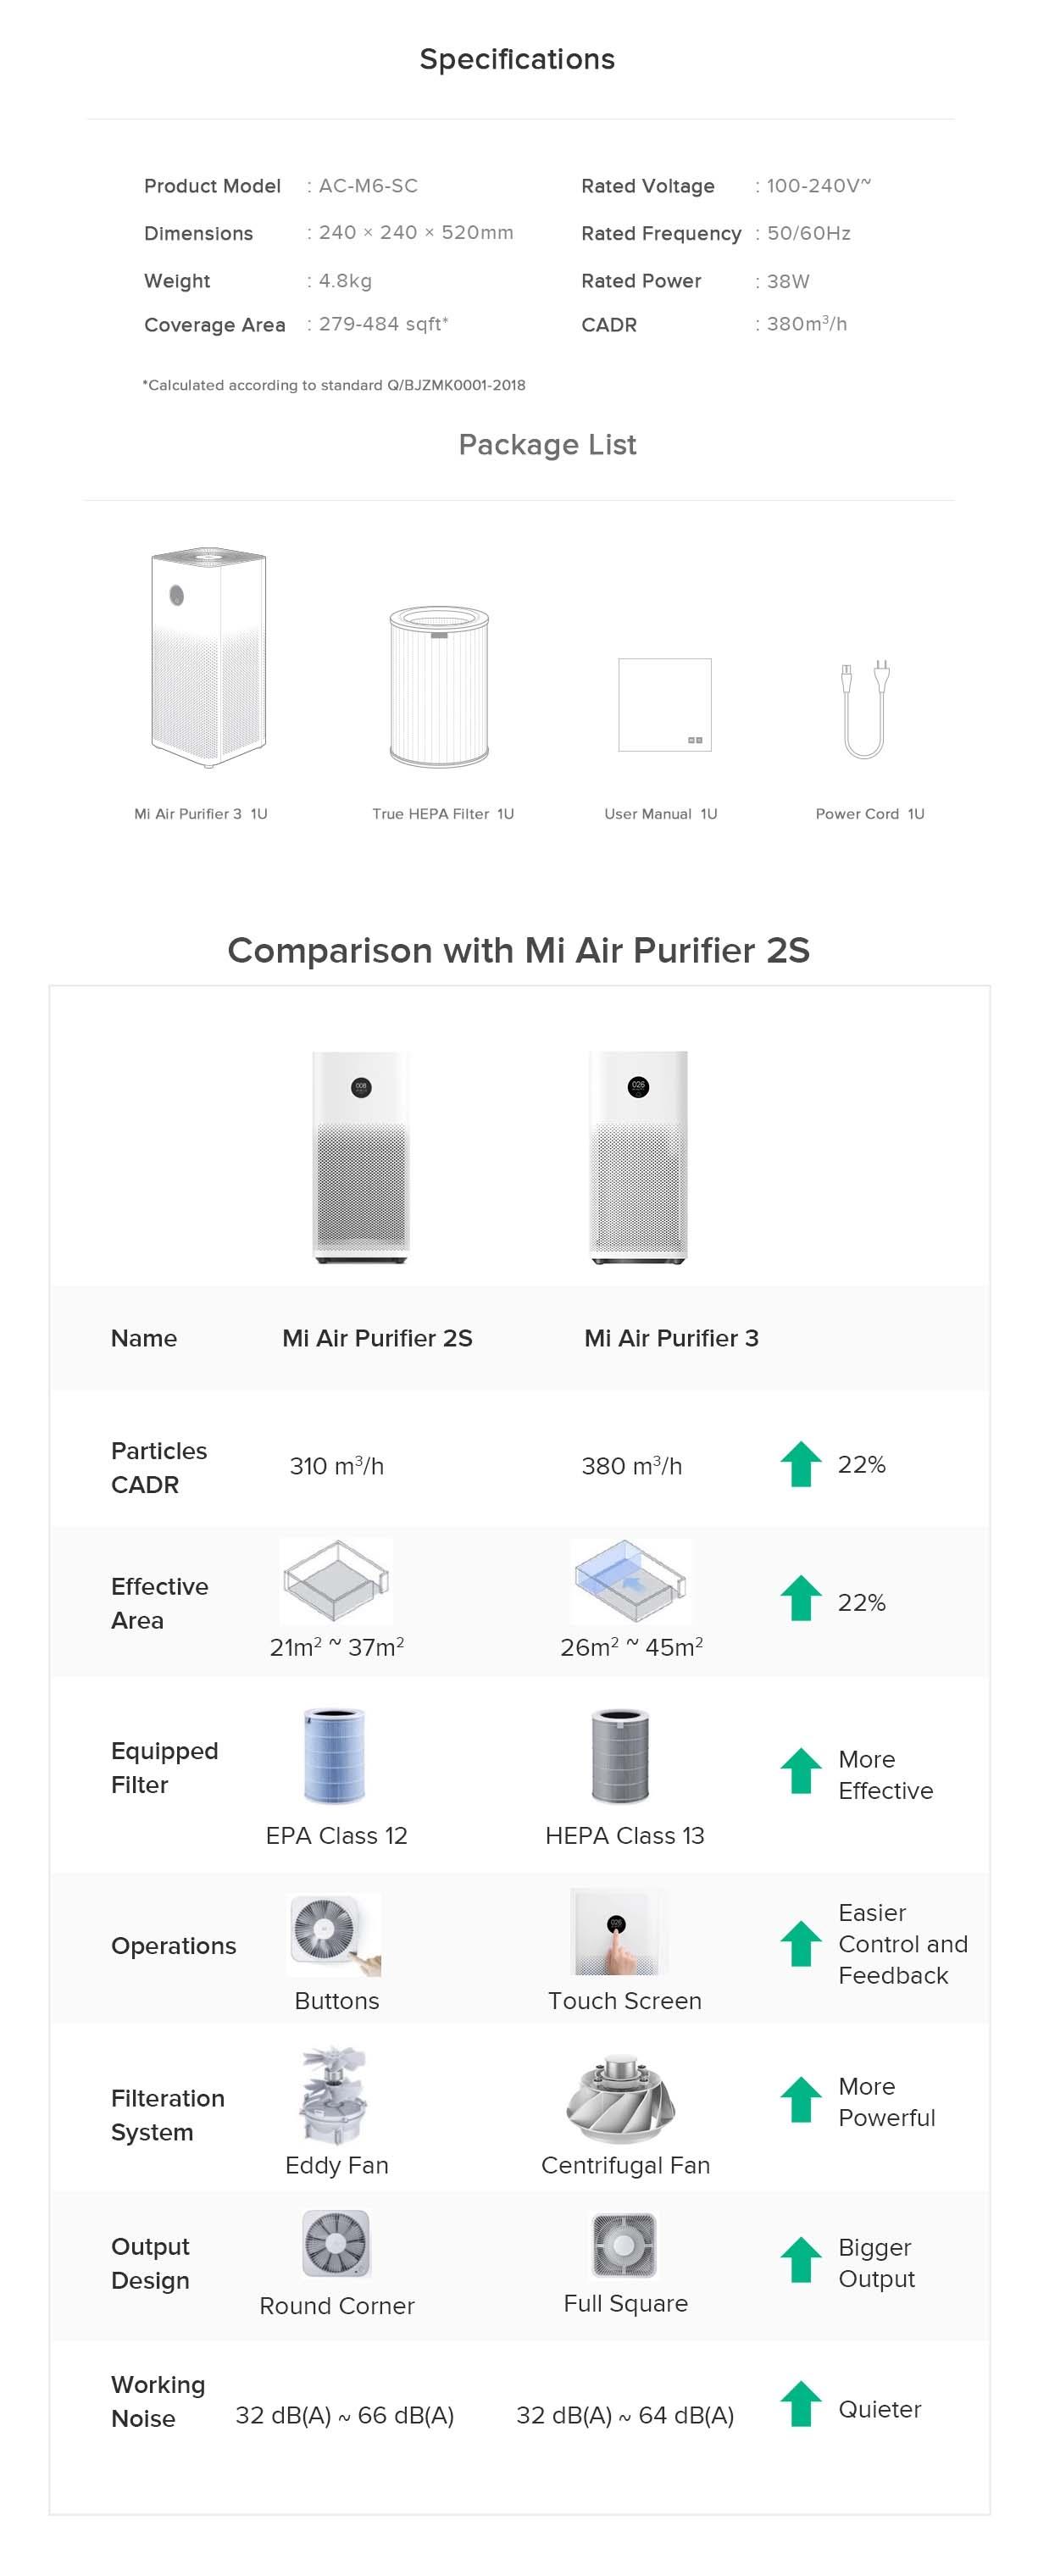 Mi Air Purifier 3 SOP